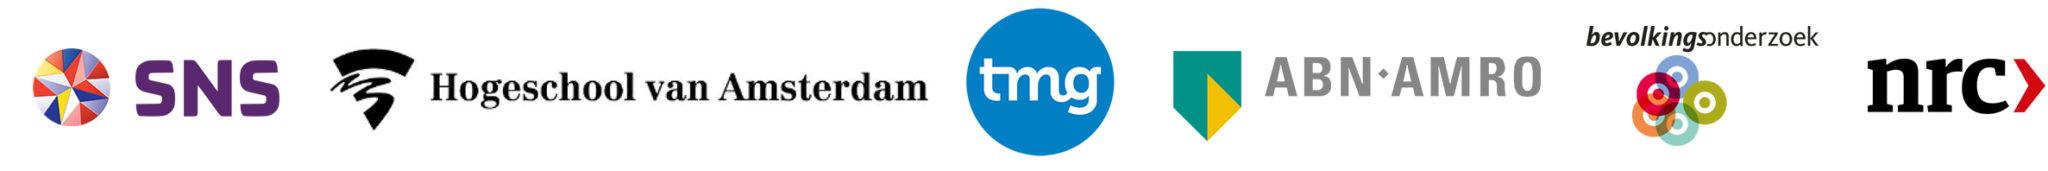 logos-kleurs